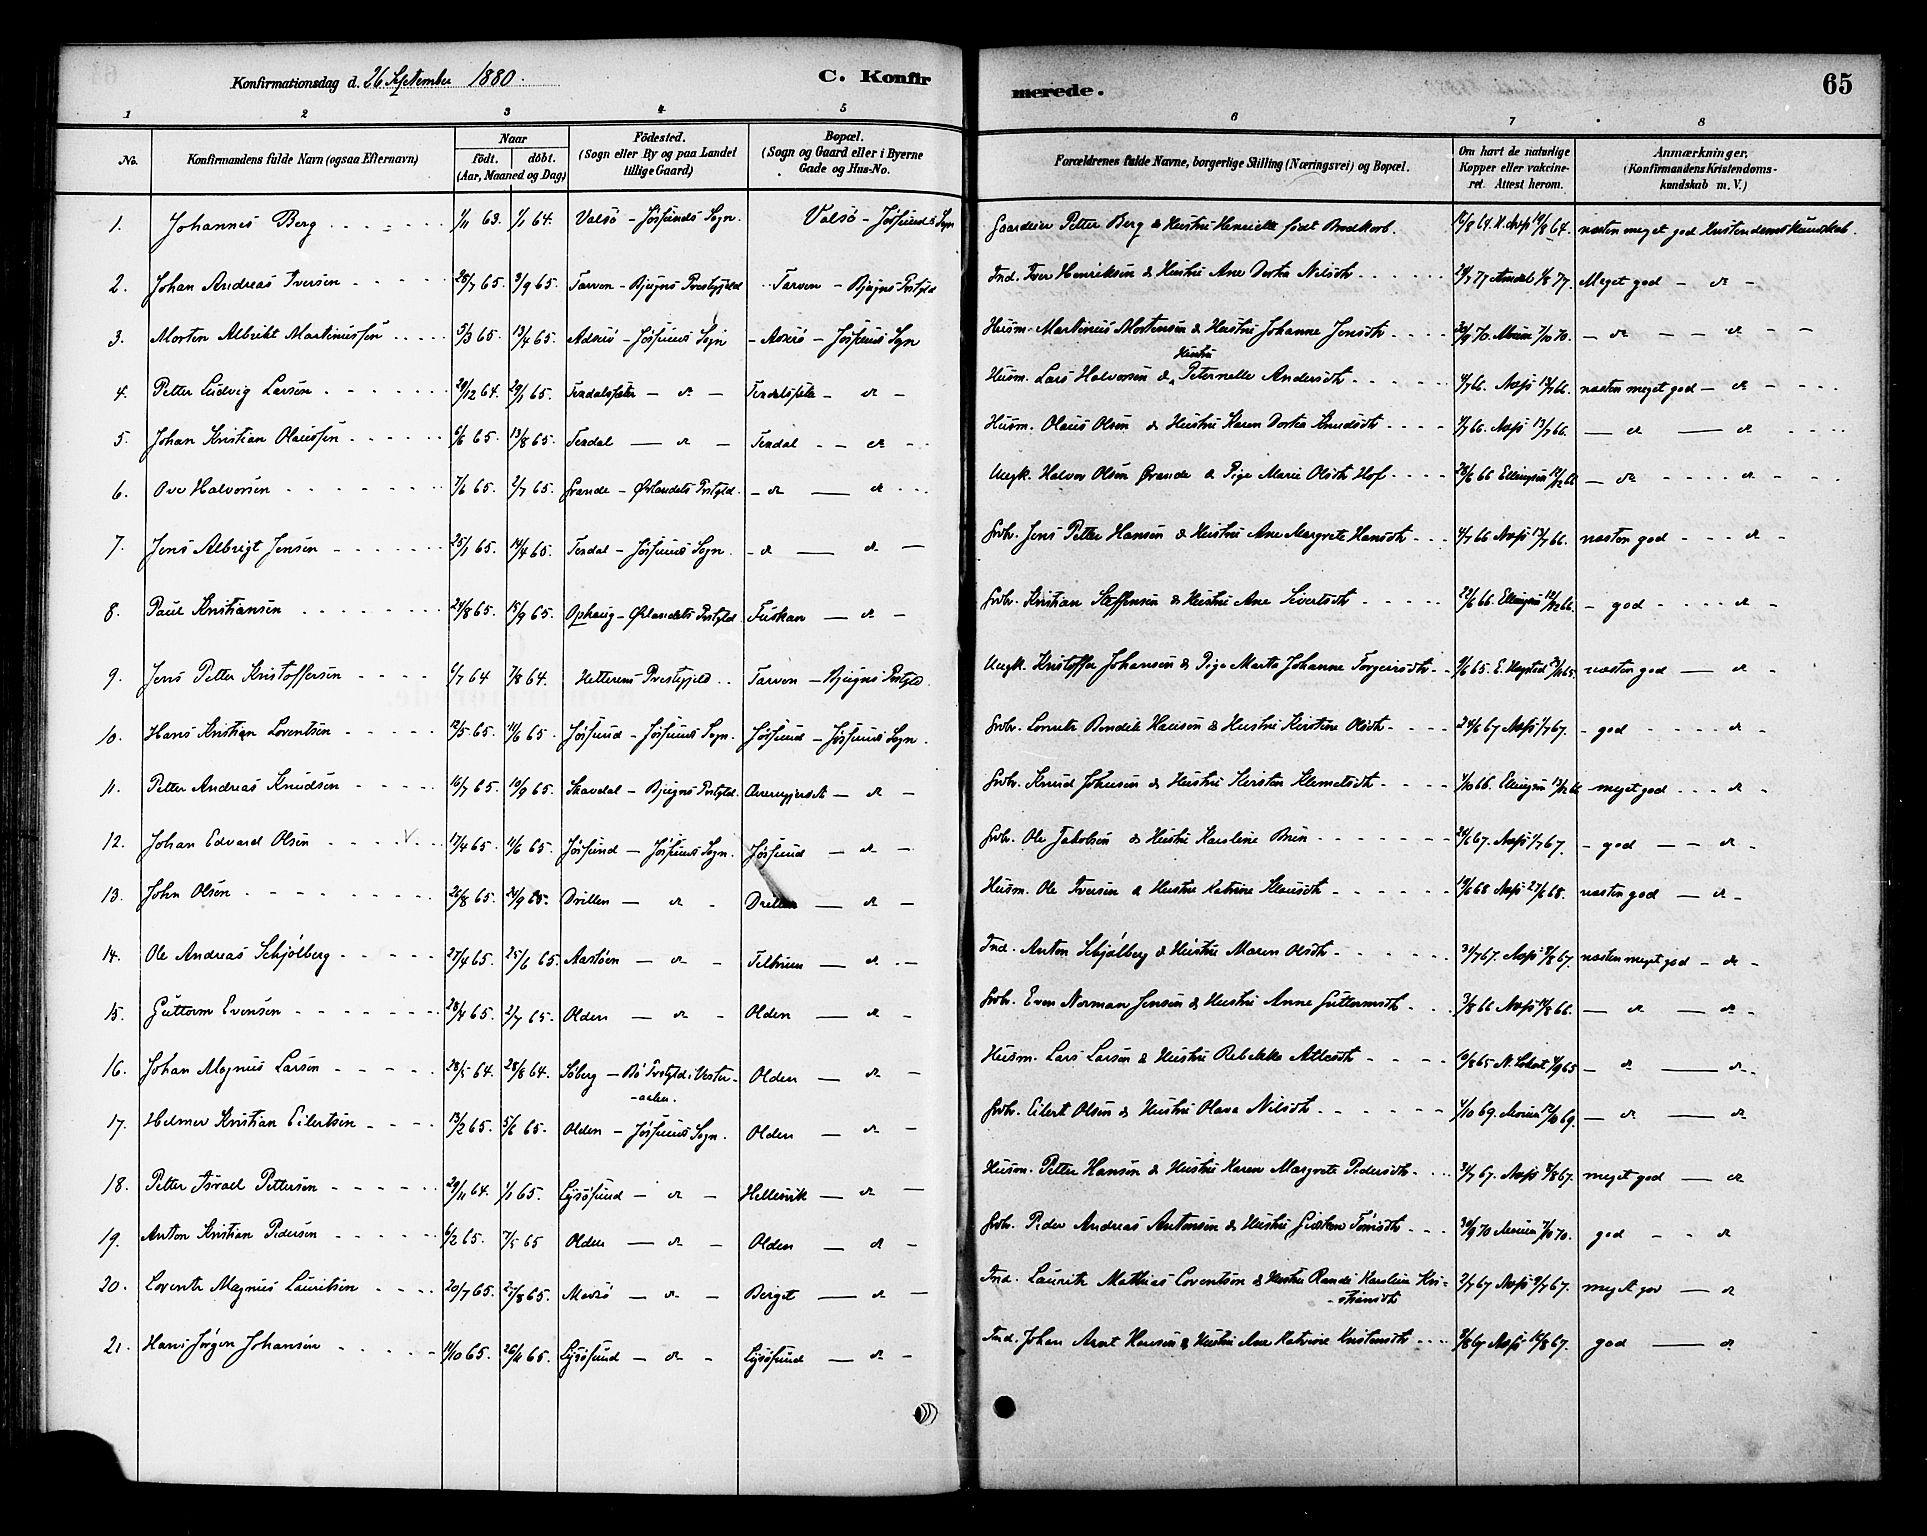 SAT, Ministerialprotokoller, klokkerbøker og fødselsregistre - Sør-Trøndelag, 654/L0663: Ministerialbok nr. 654A01, 1880-1894, s. 65